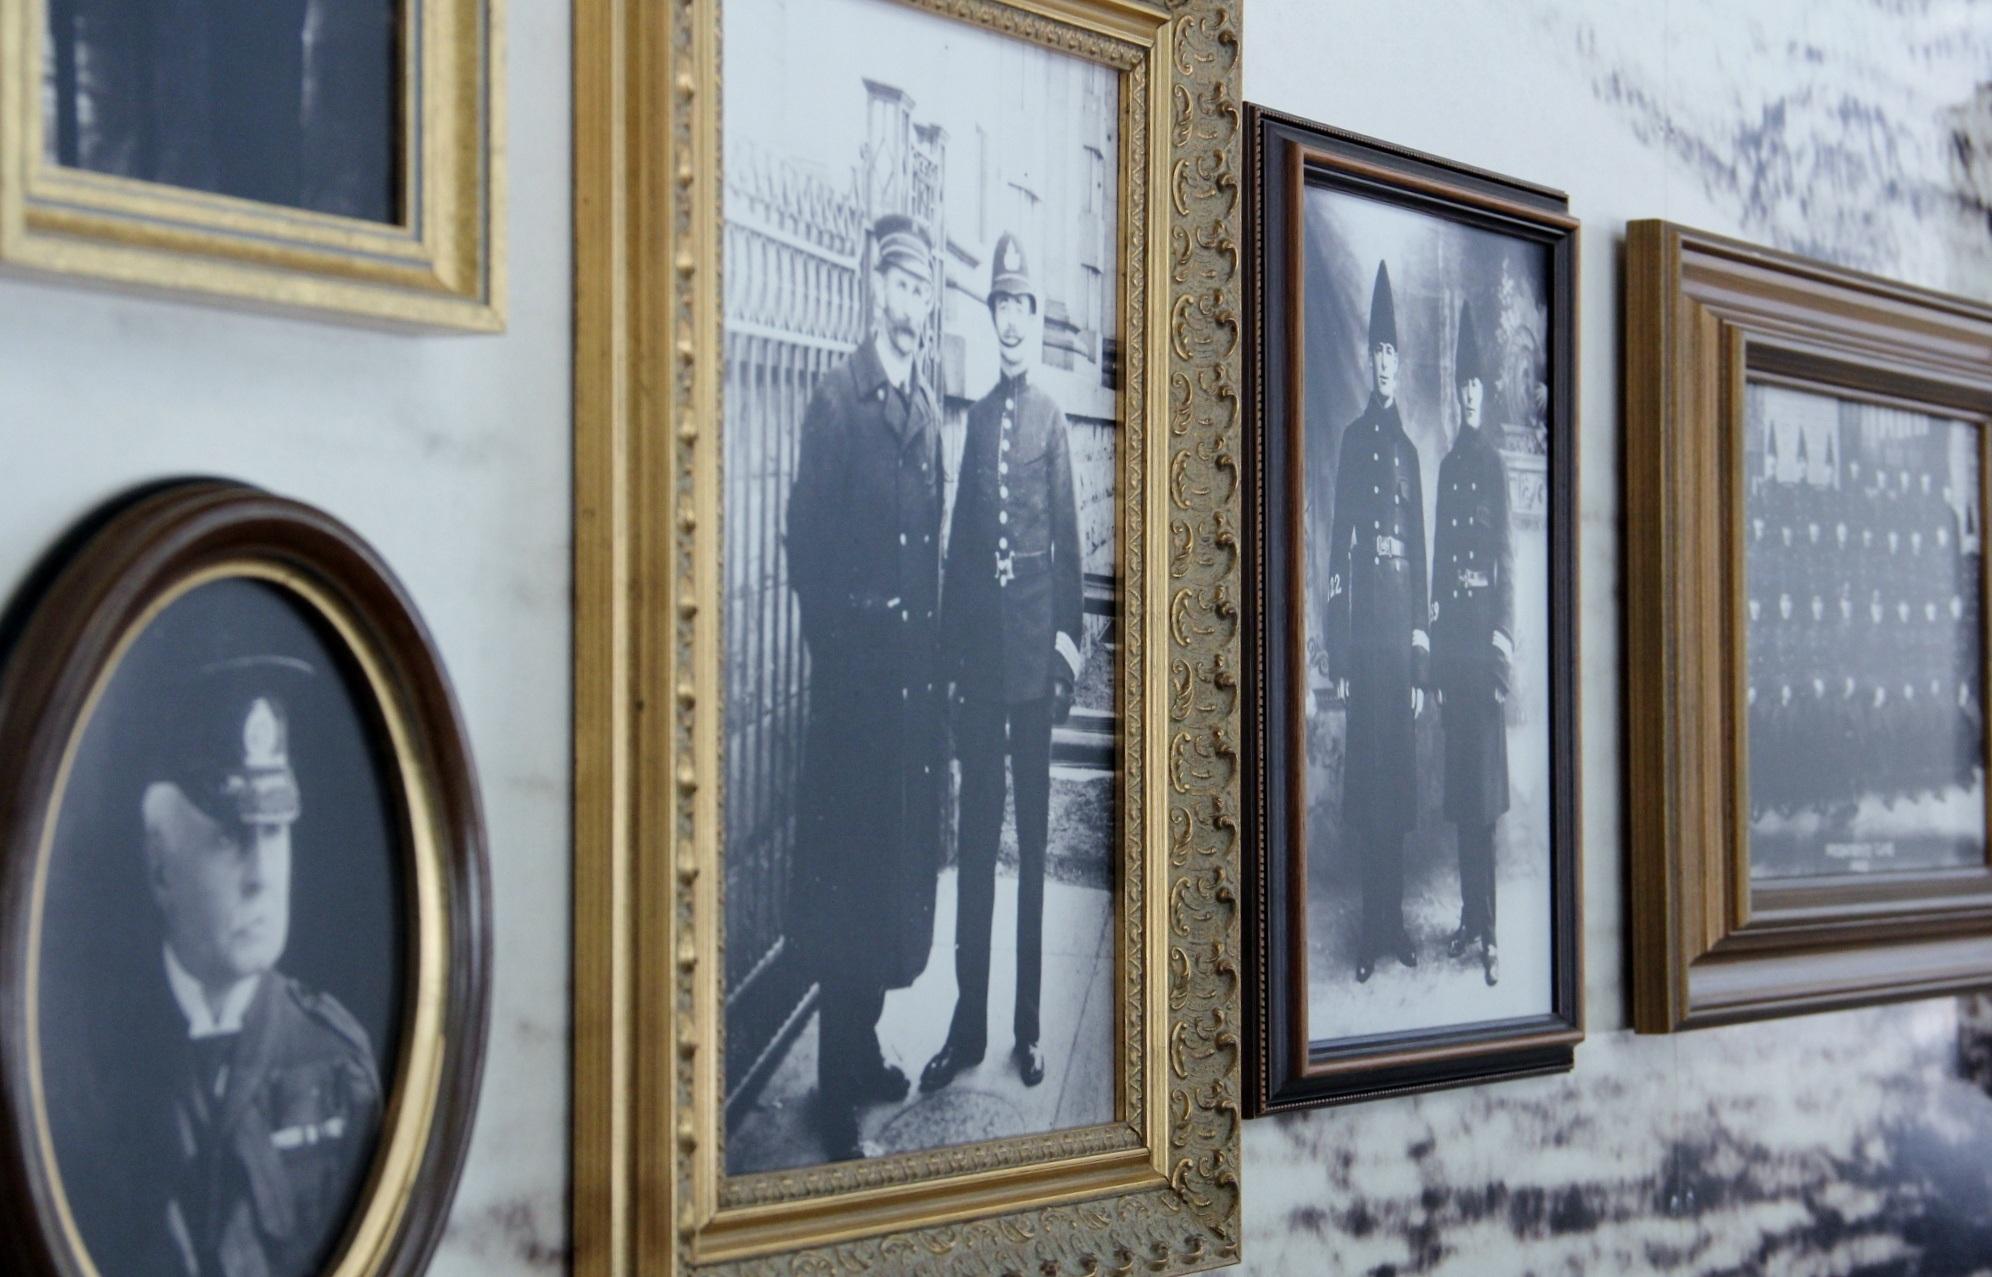 Fotos gratis : persona, en blanco y negro, gente, antiguo, Retro ...